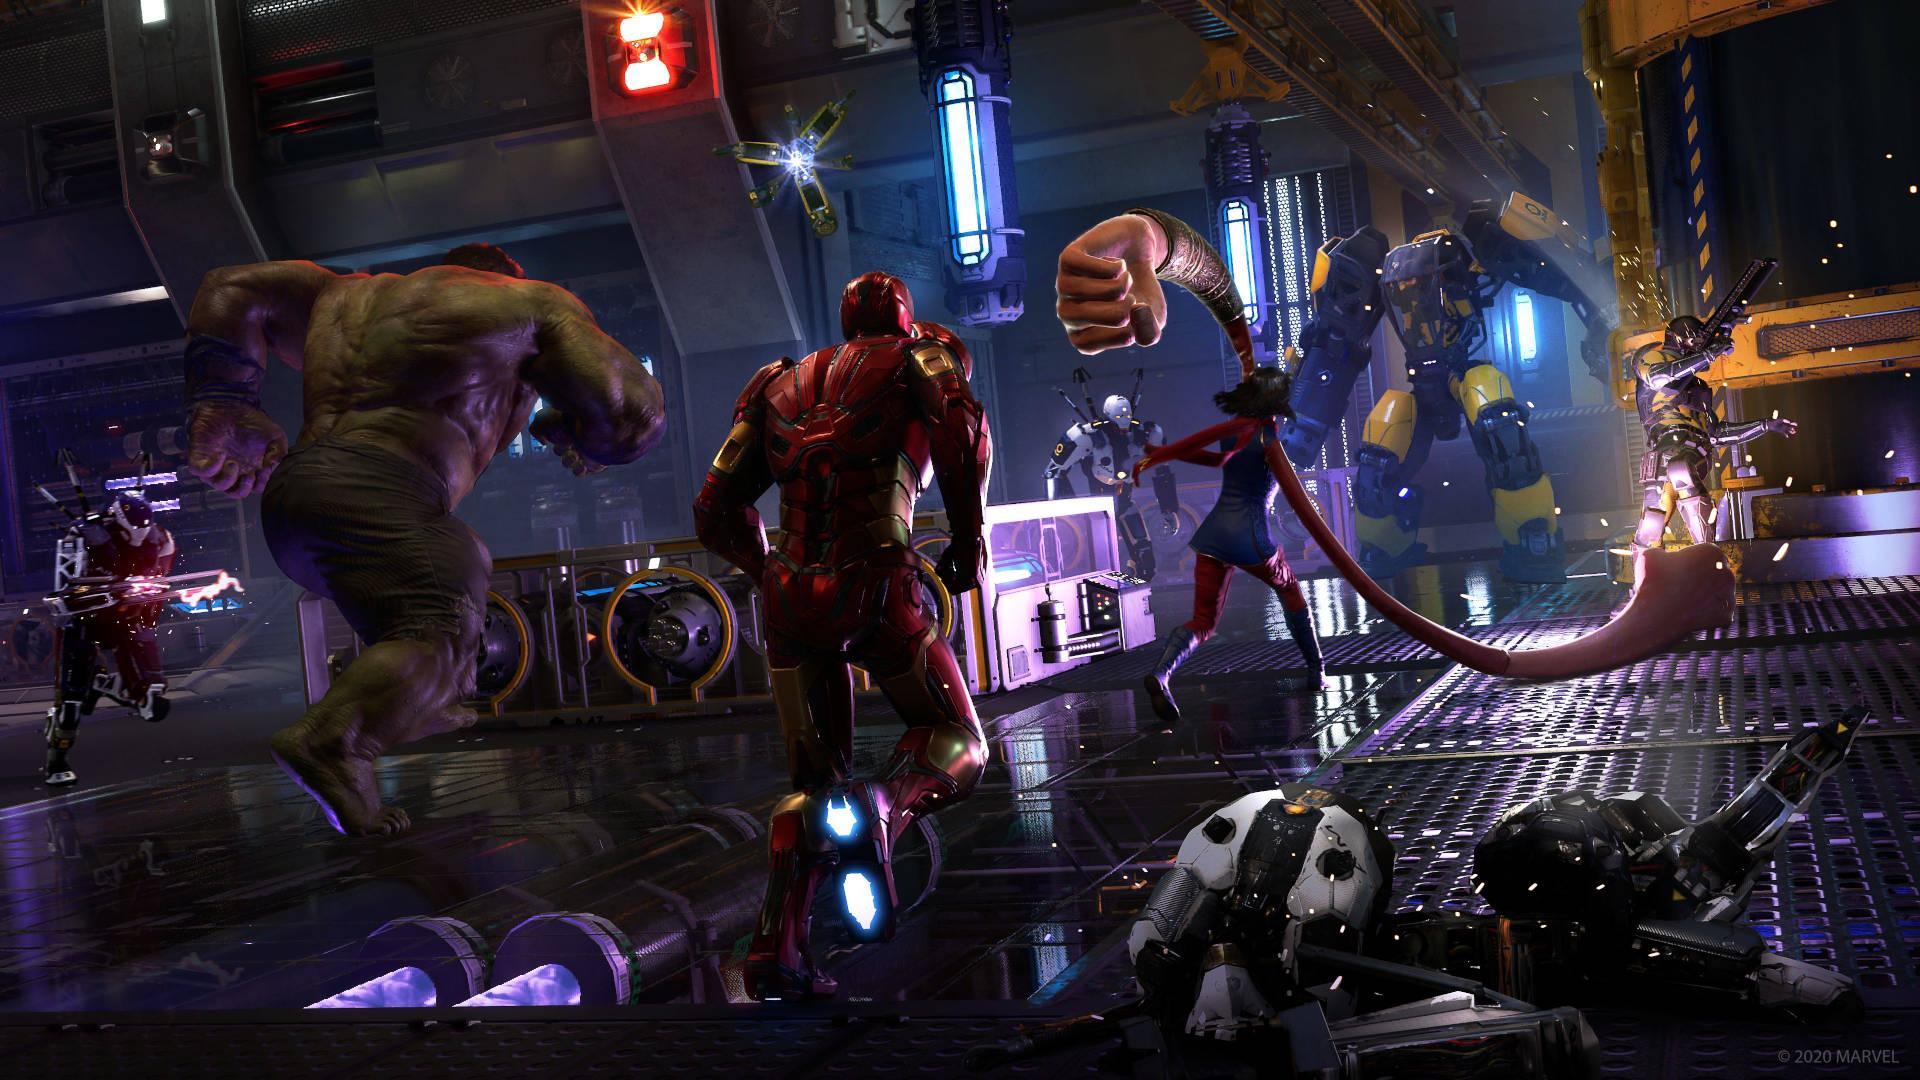 Marvels Avengers image 5